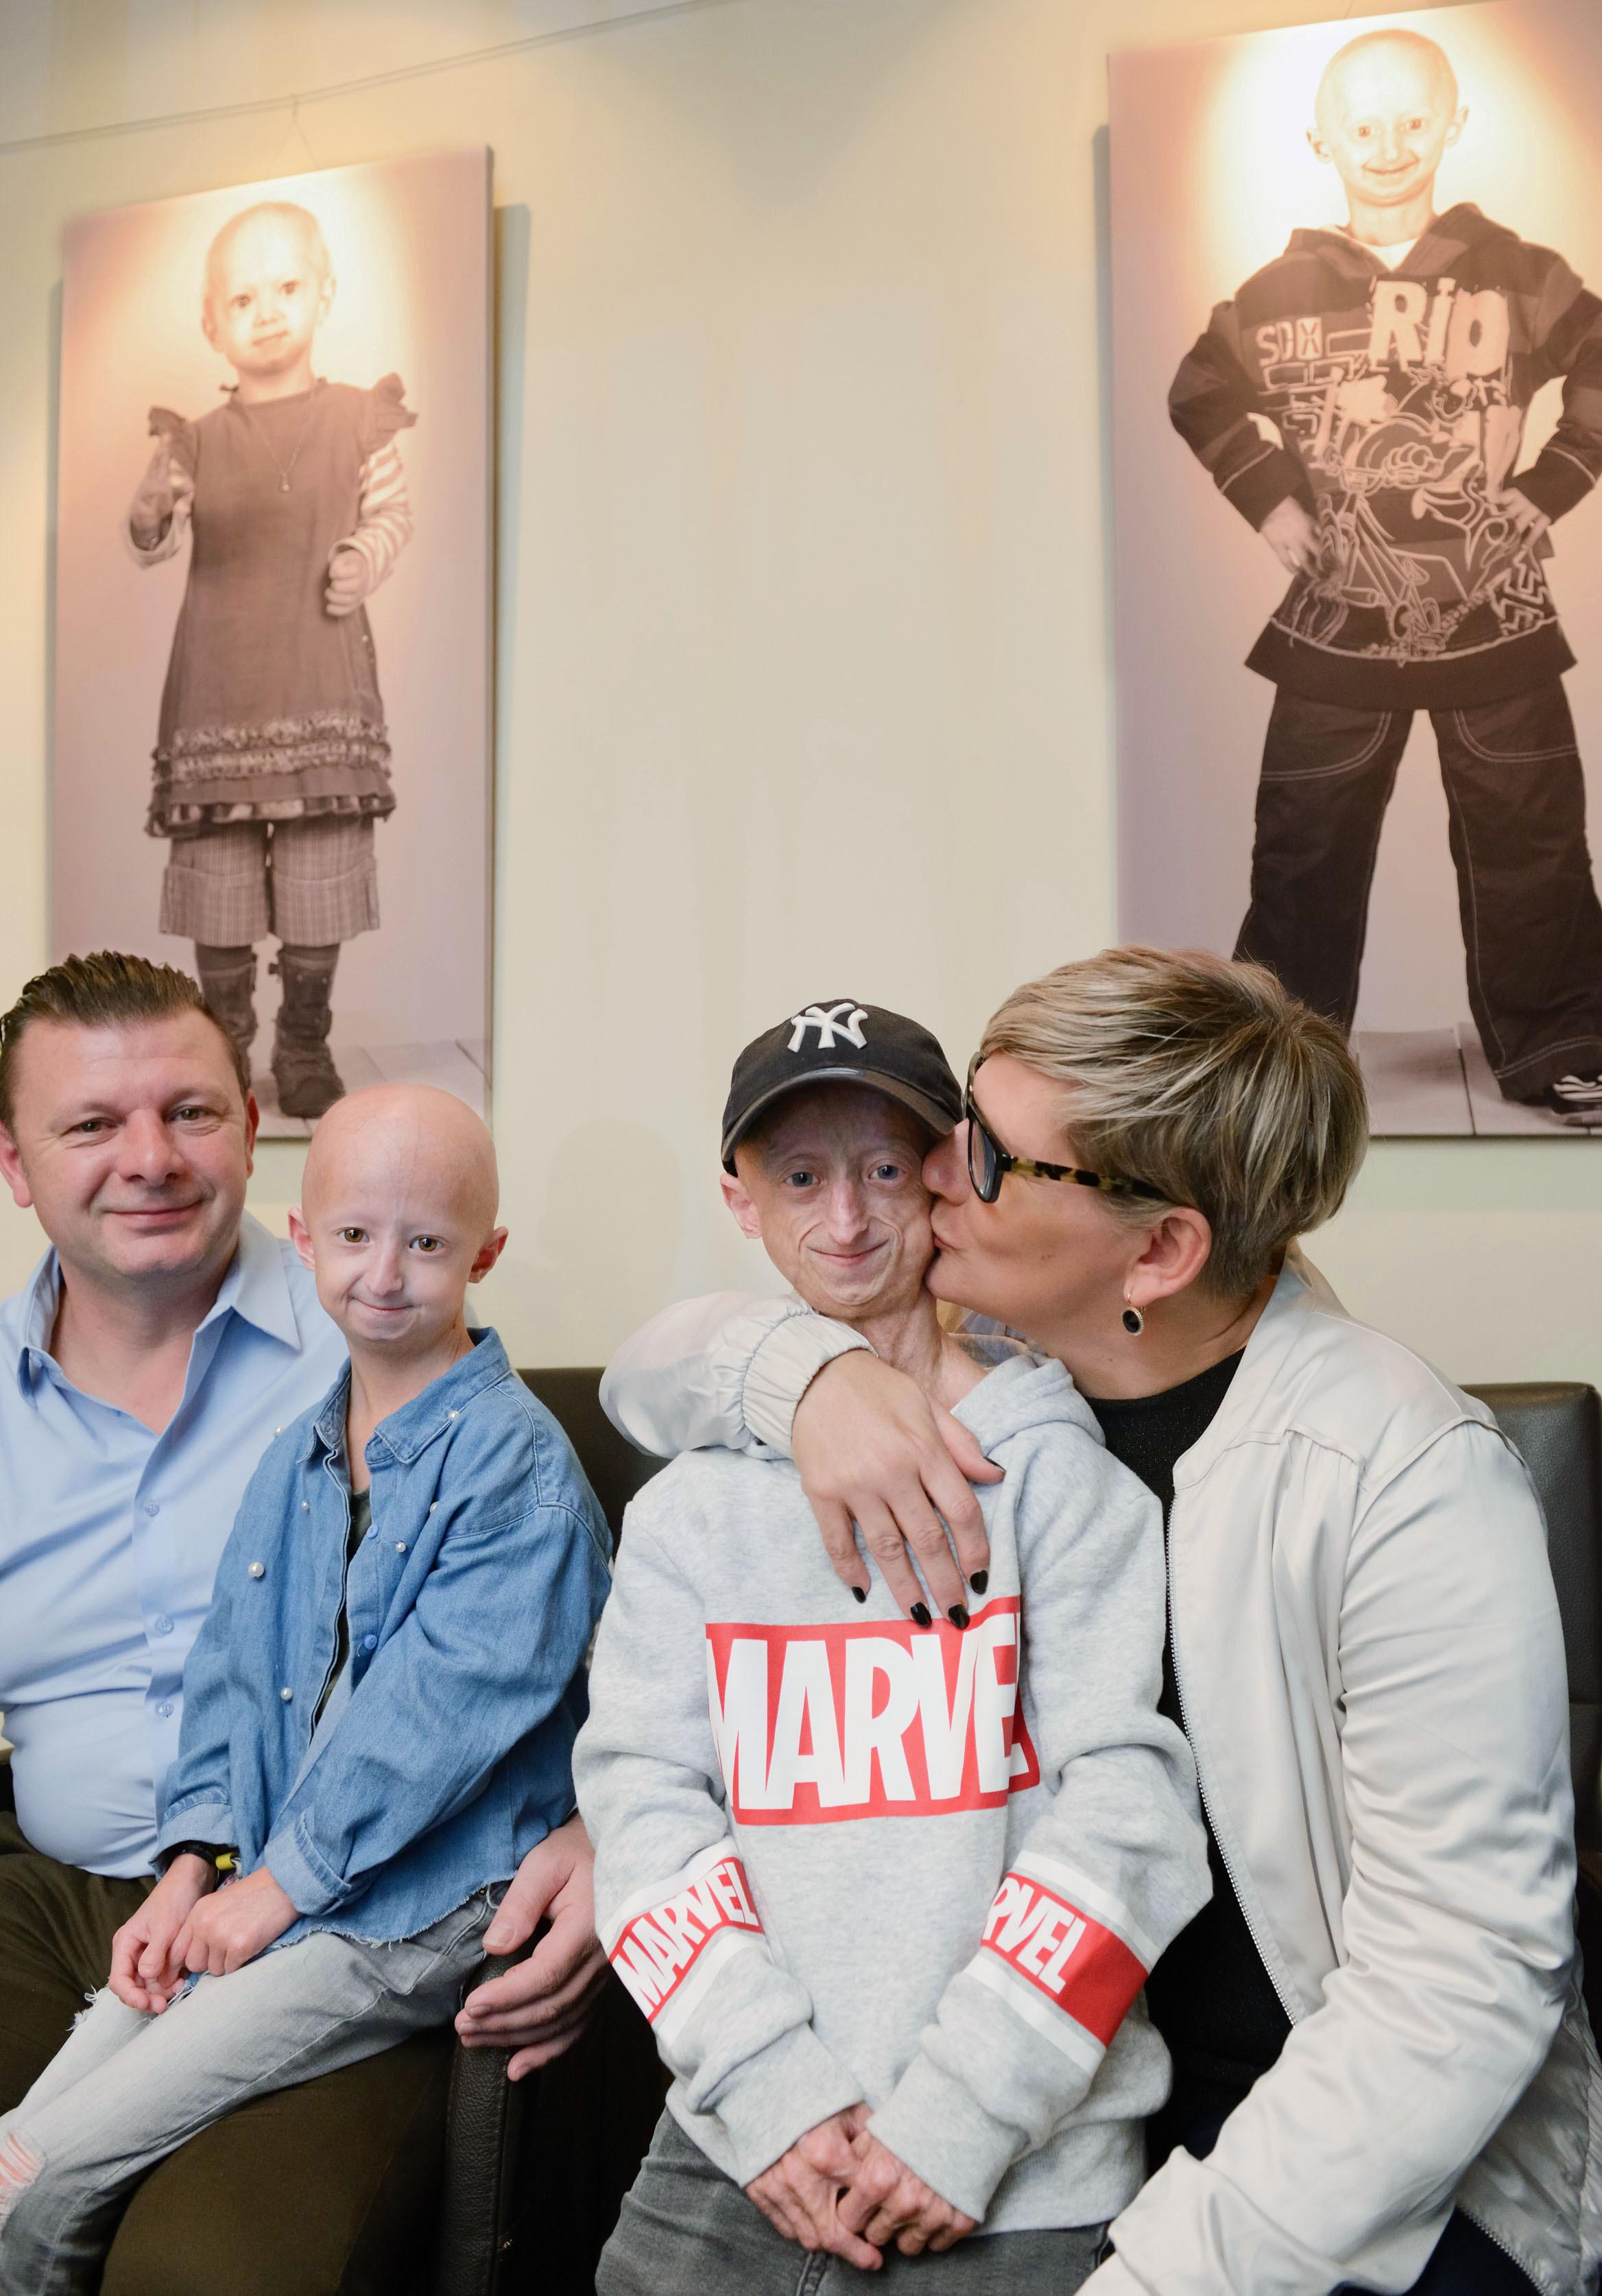 早老症を患う兄ミヒル・ファンデウェールト(中央右)と妹アンバー(同左)。父ウィムと母ホデリーベは、短くても充実した人生をと願う。家の中には子どもたちの生をいとおしむように何枚もの写真が飾られていた=ベルギー・ディーペンベーク(撮影・澤田博之、共同)